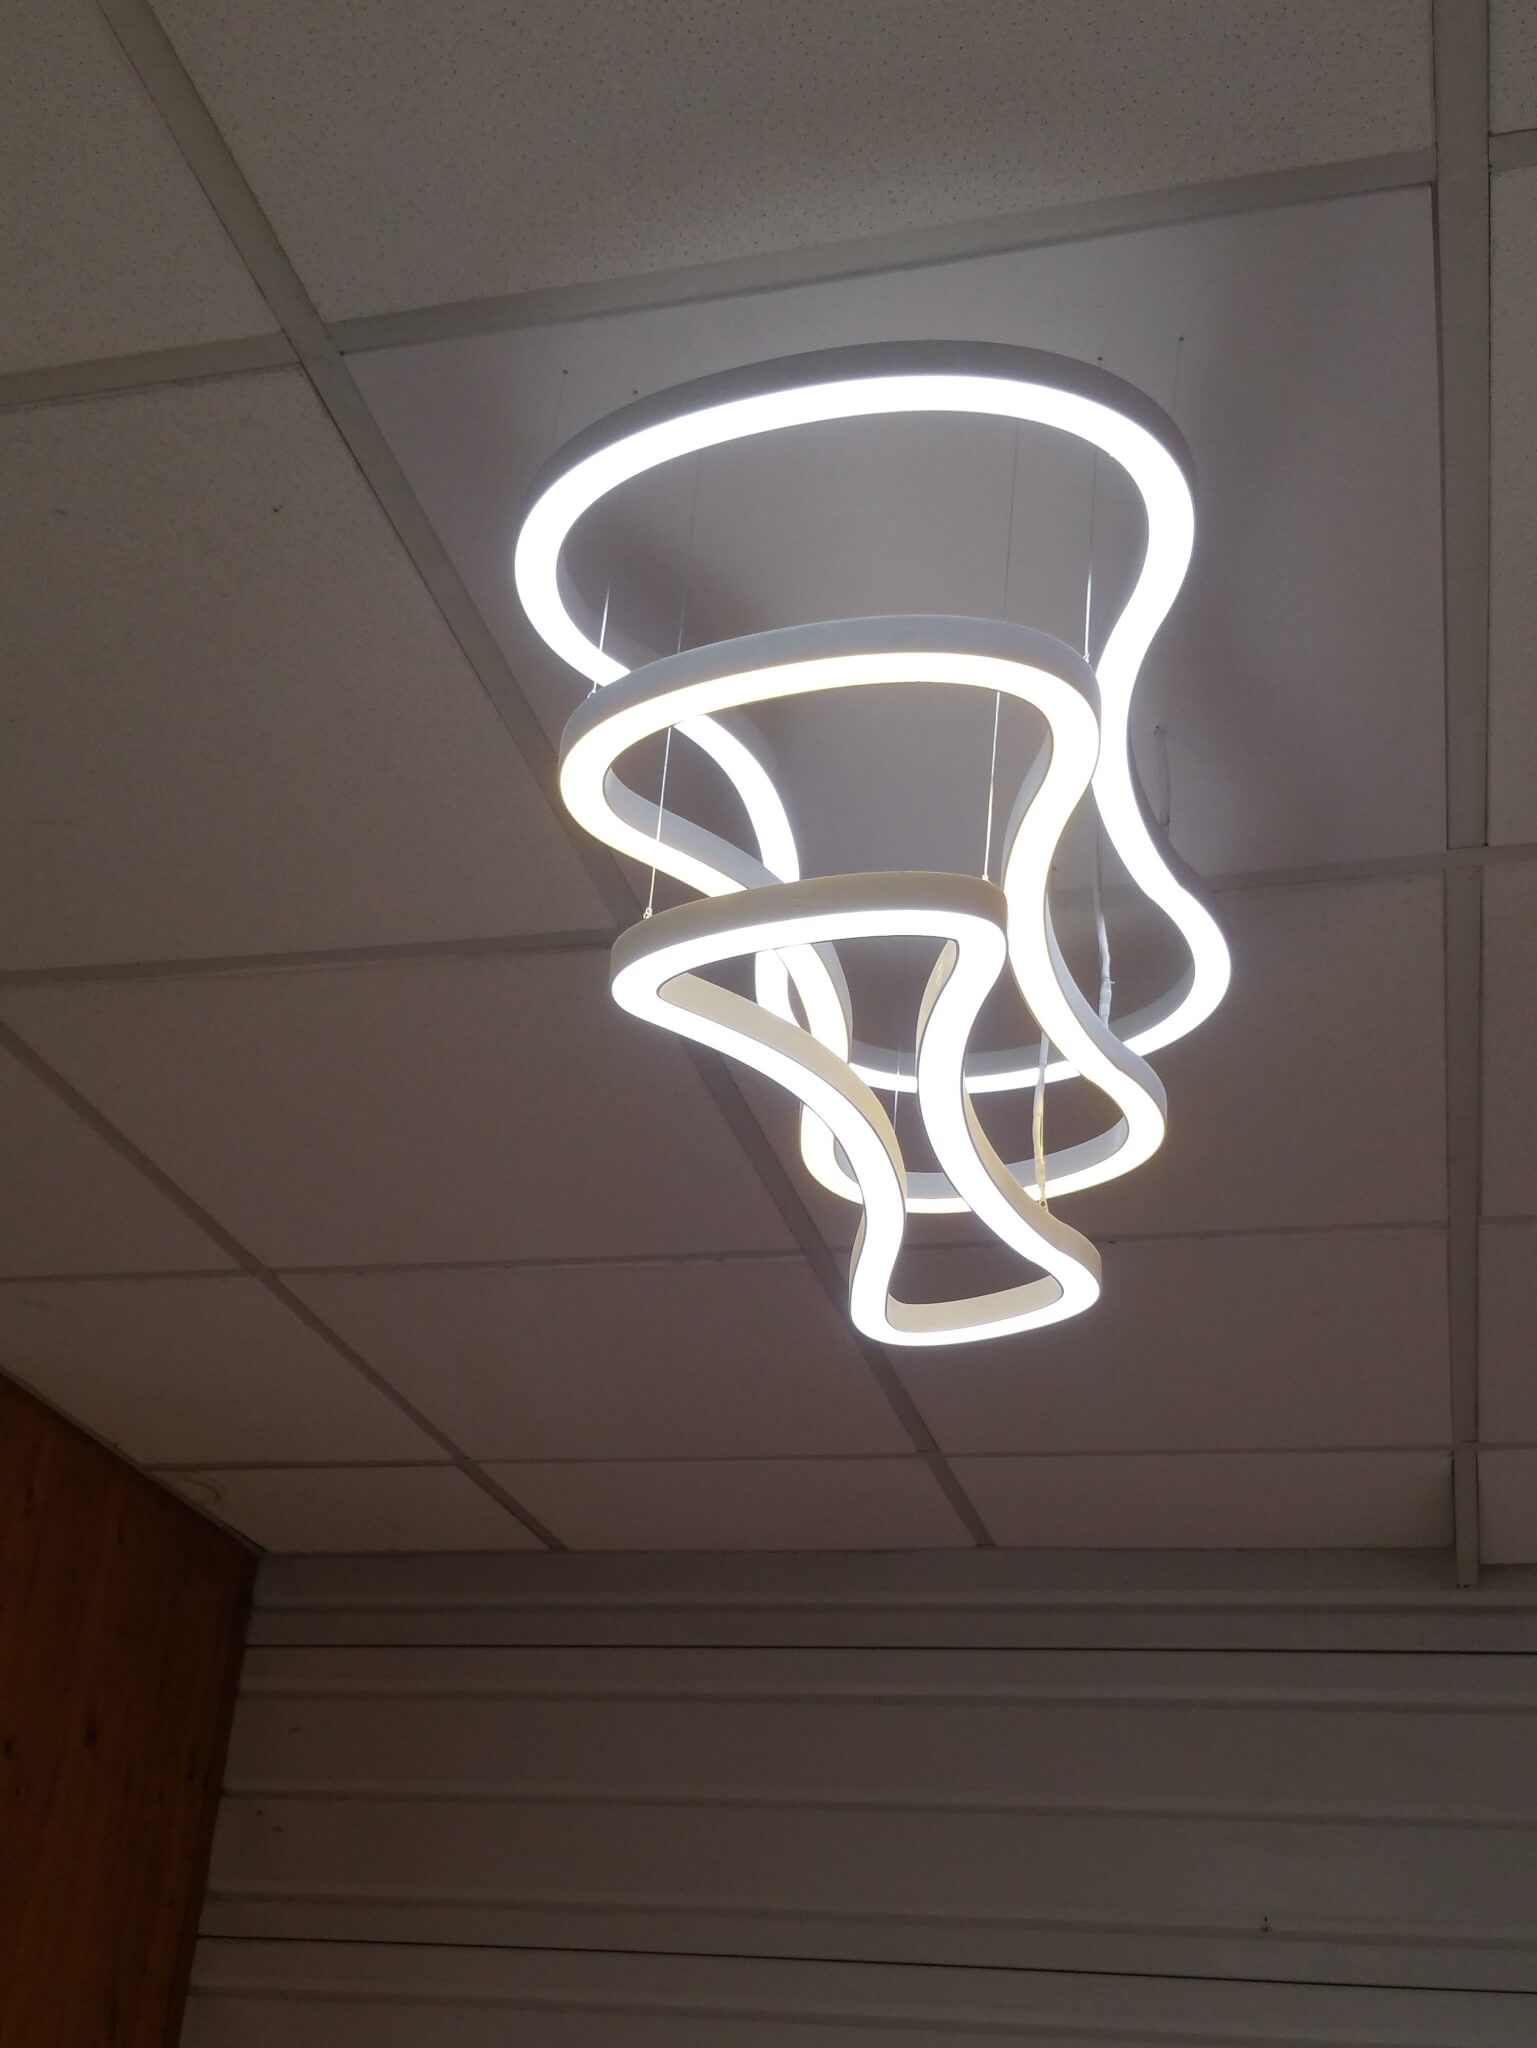 Luminaire sur mesure en PMMA et leds dans le Showroom S.E.S à Grigny (69520)